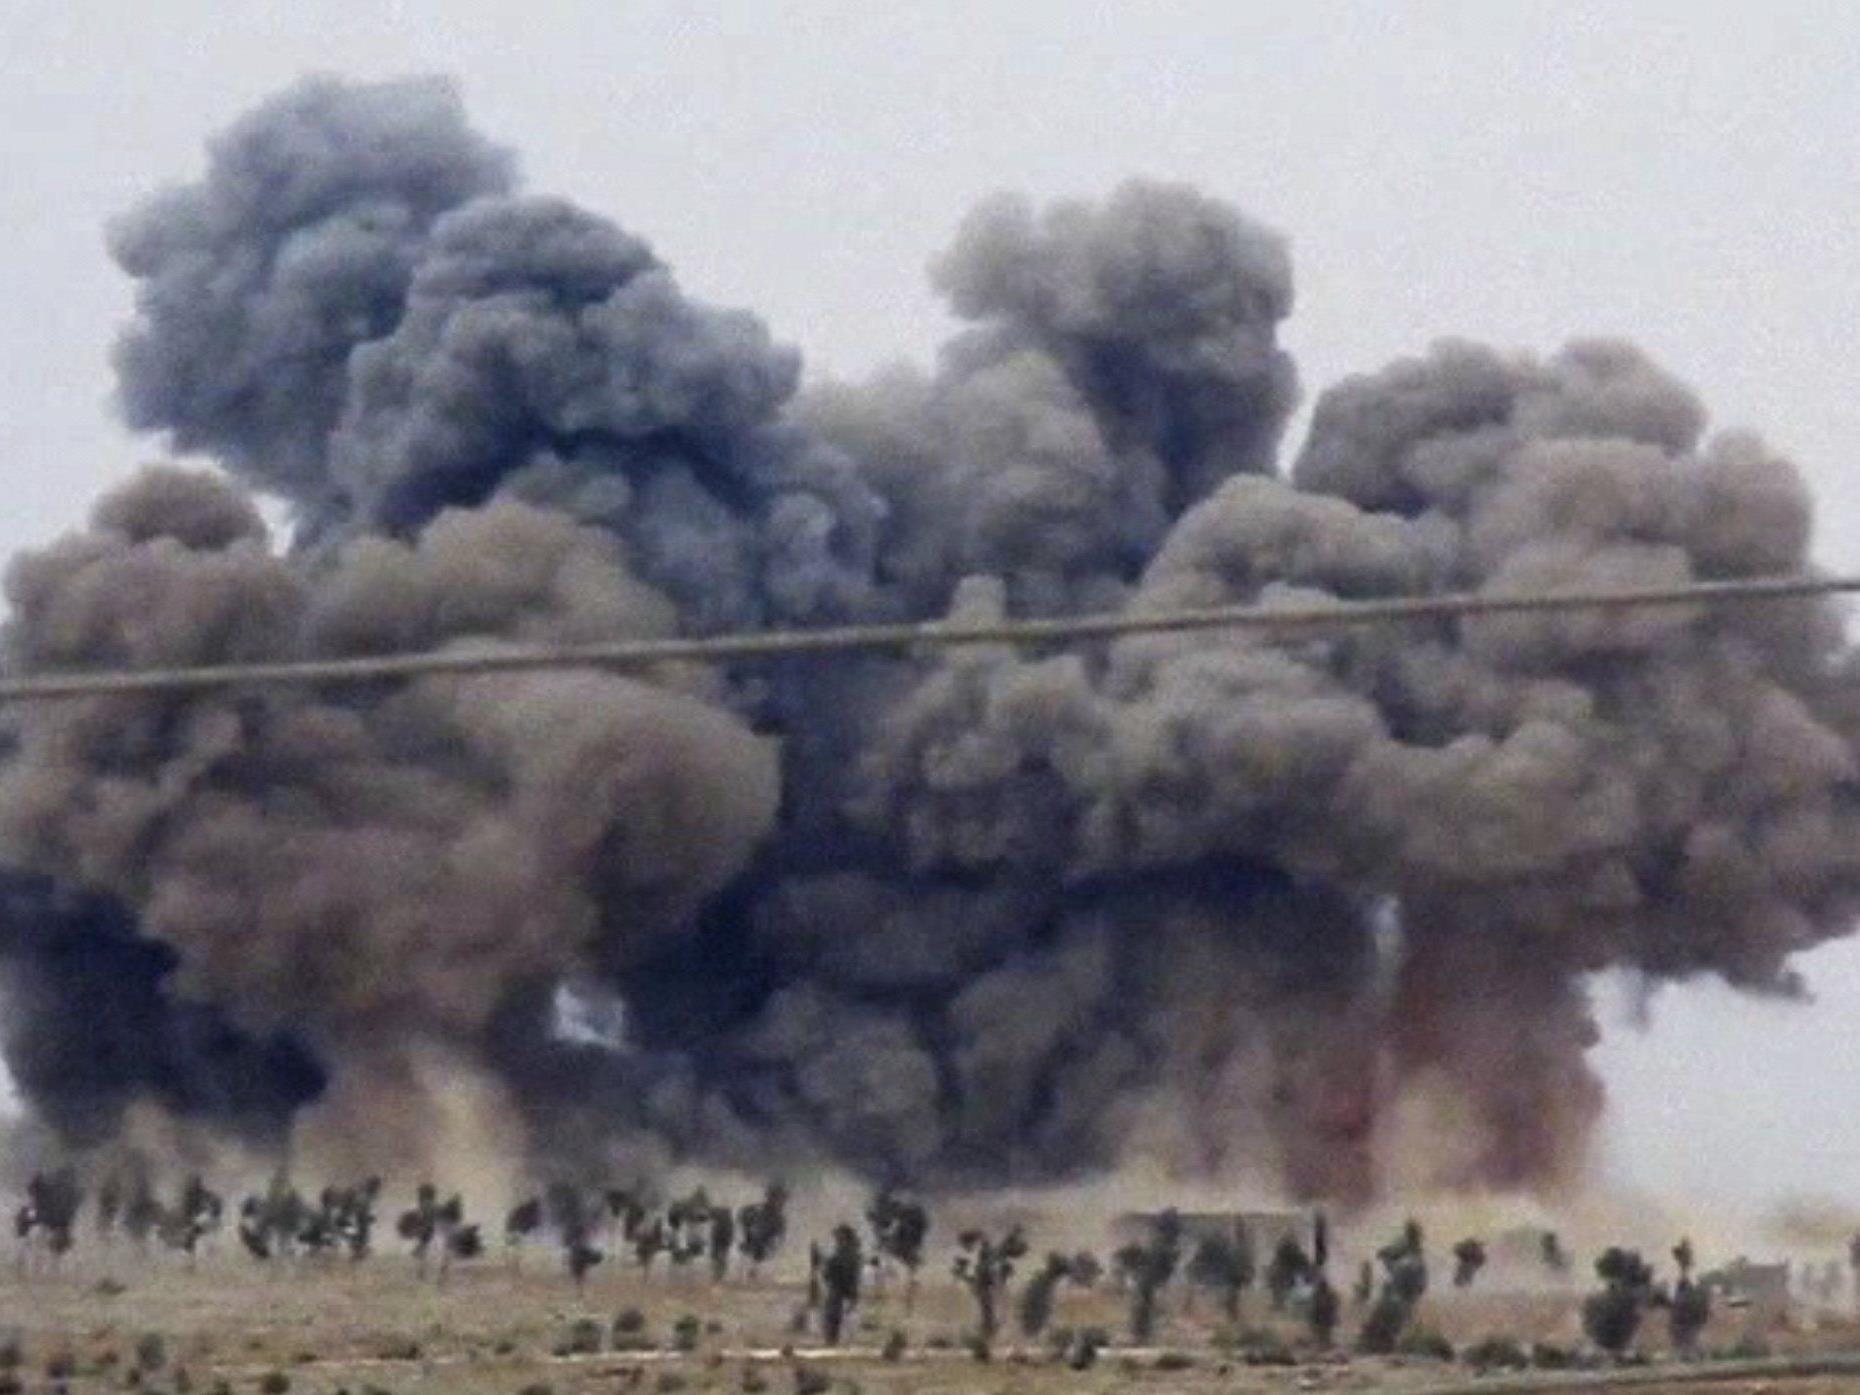 Russland greift militärisch in syrischen Bürgerkrieg ein.